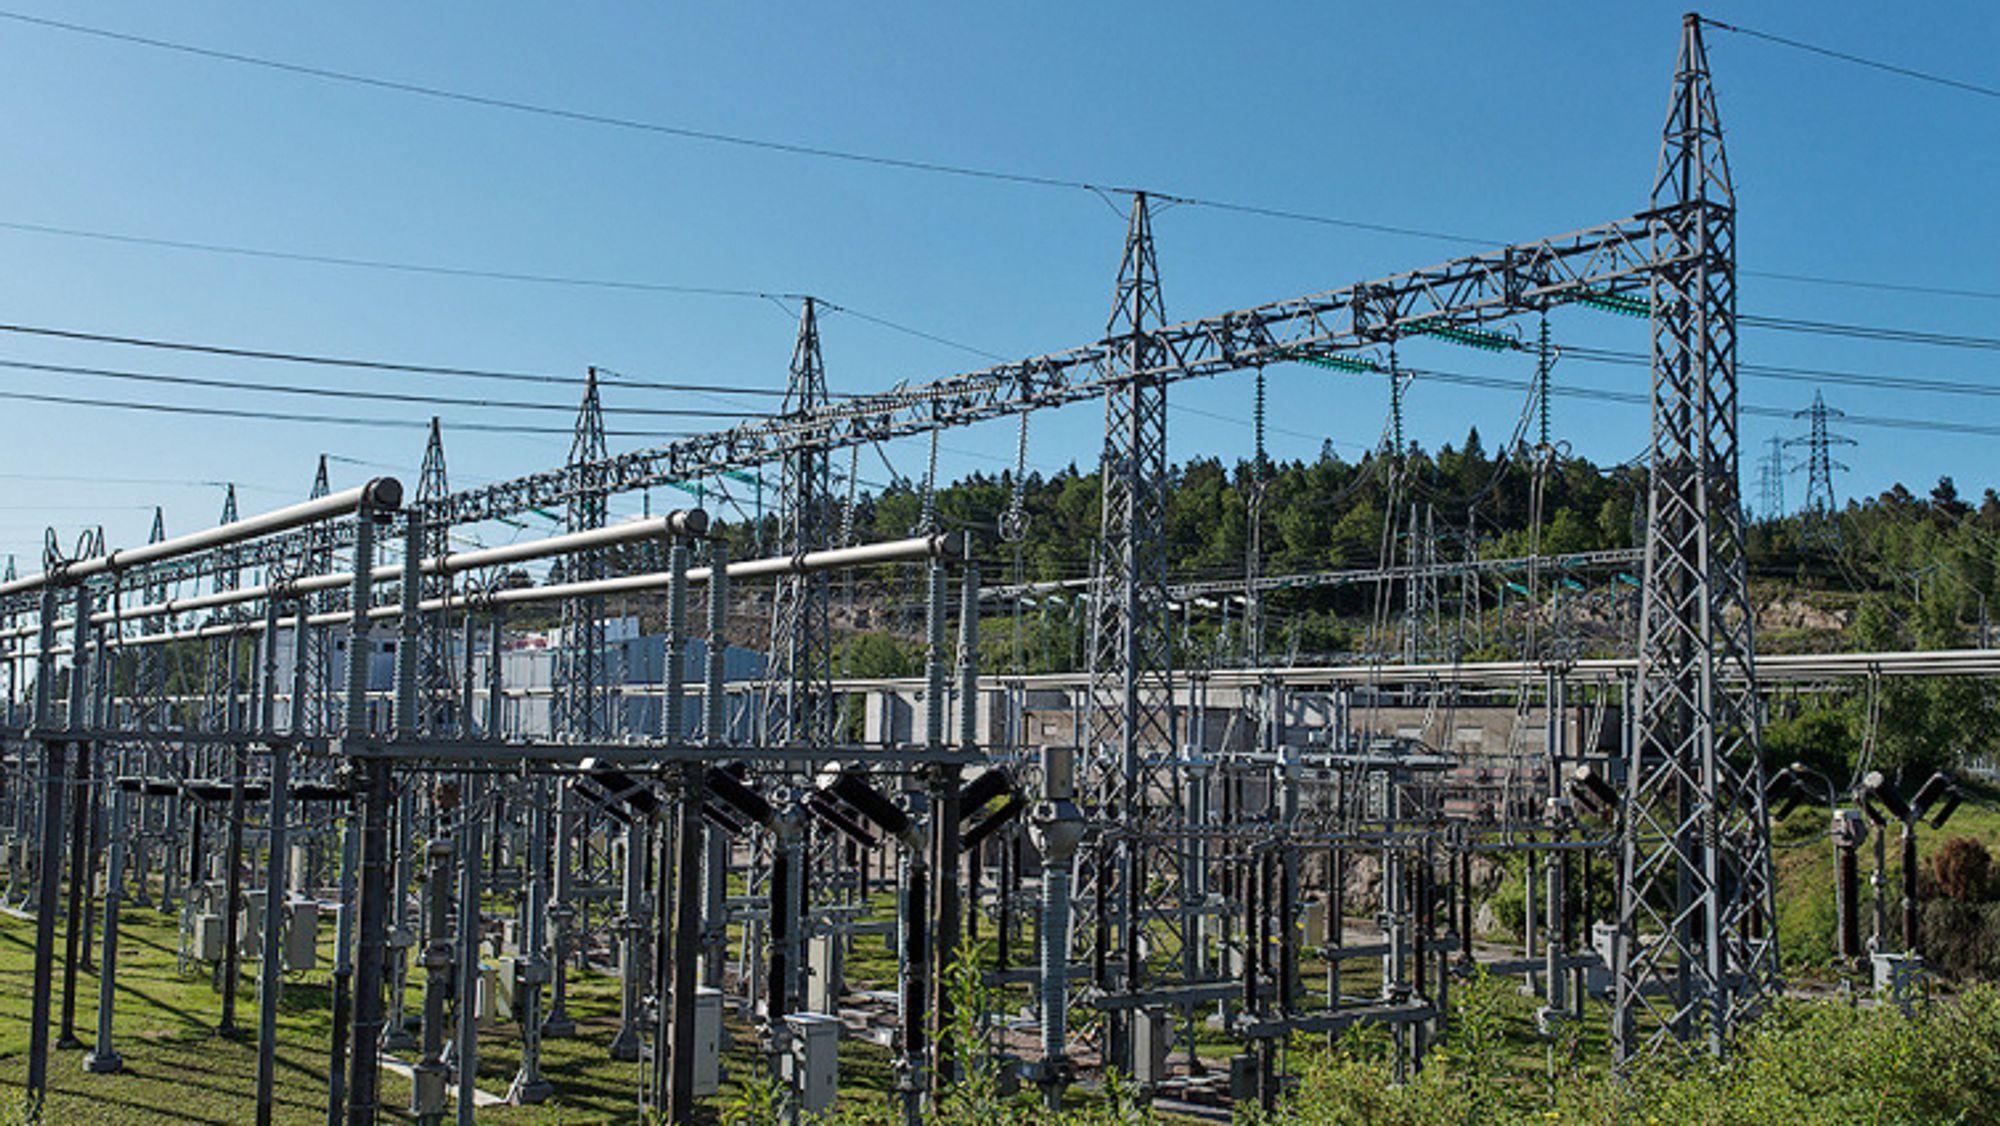 Kristiansand transformatorstasjon på Støleheia er hvor Skagerrak-kablene er koplet til det norske kraftnettet. Kablene til Danmark var de mest lønnsomme for Statnett i 2020.